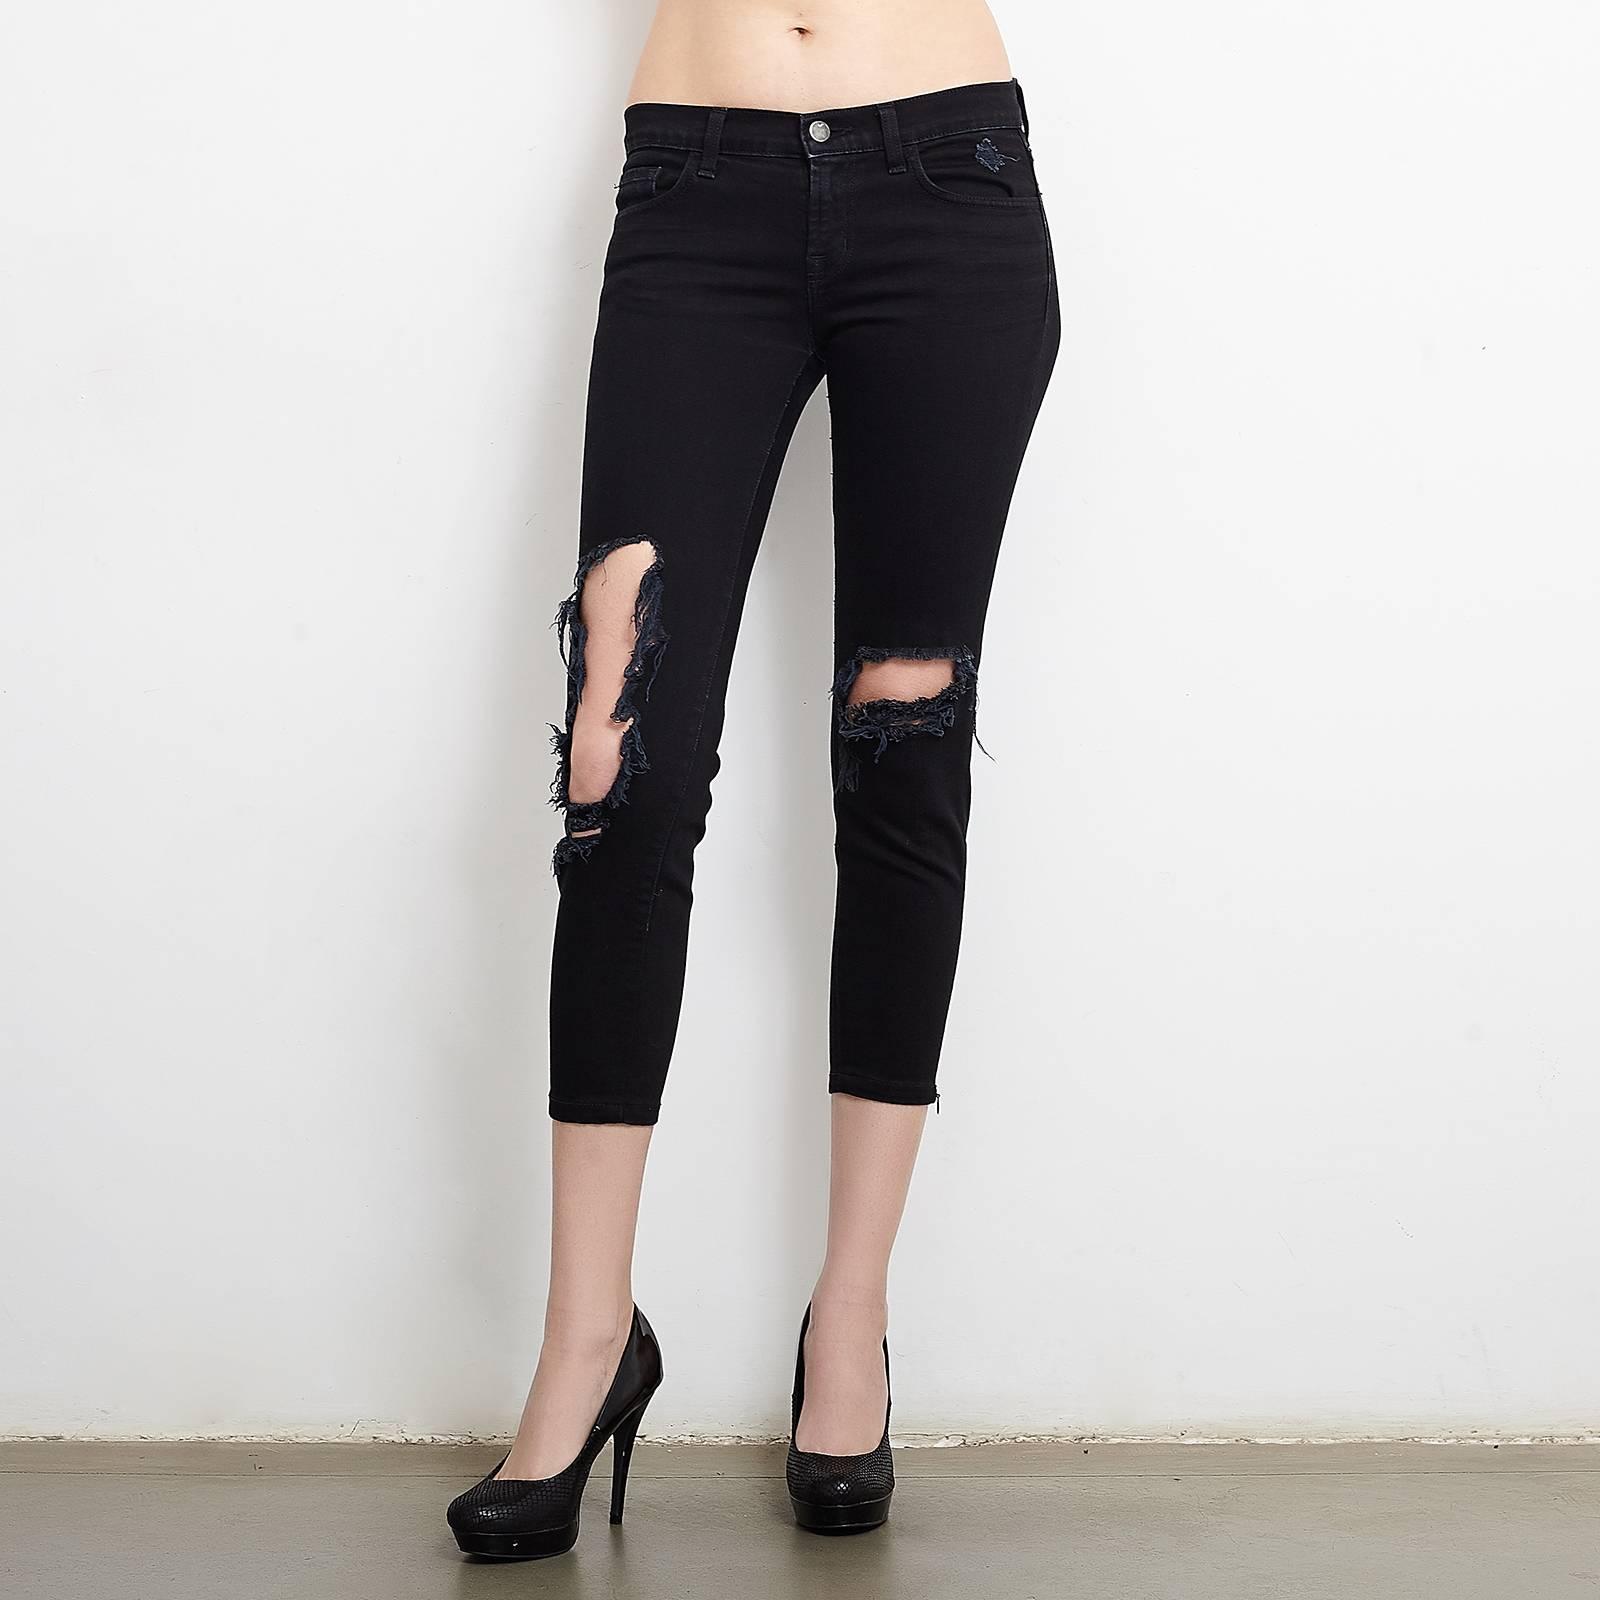 Купить джинсы J Brand в Москве с доставкой по цене 3160 рублей ... 41273bef536